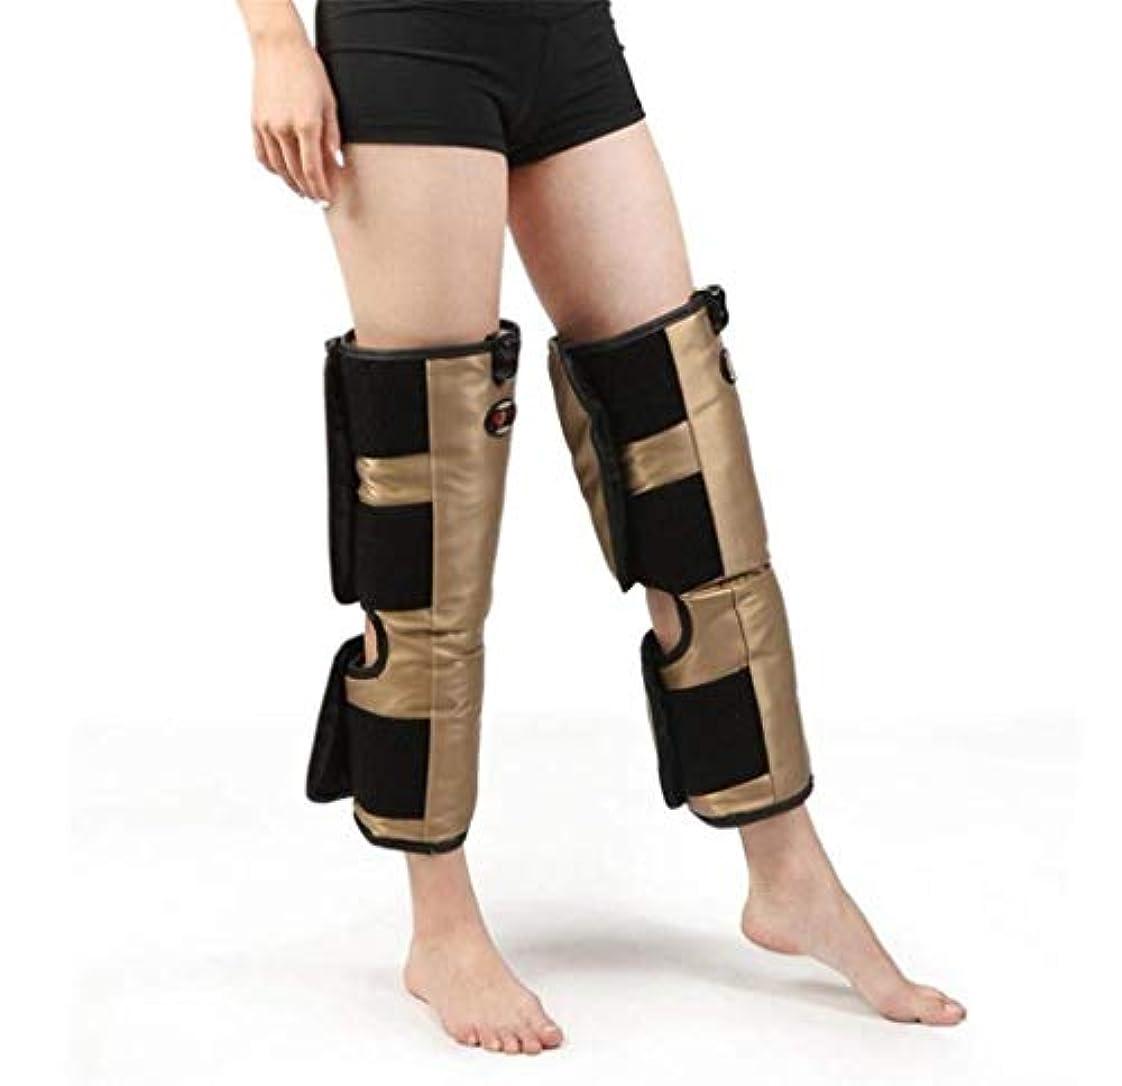 動物流産行脚マッサージャー、電気膝ブレース、oxiホット圧縮振動マッサージ療法、多機能電気加熱膝理学療法機器